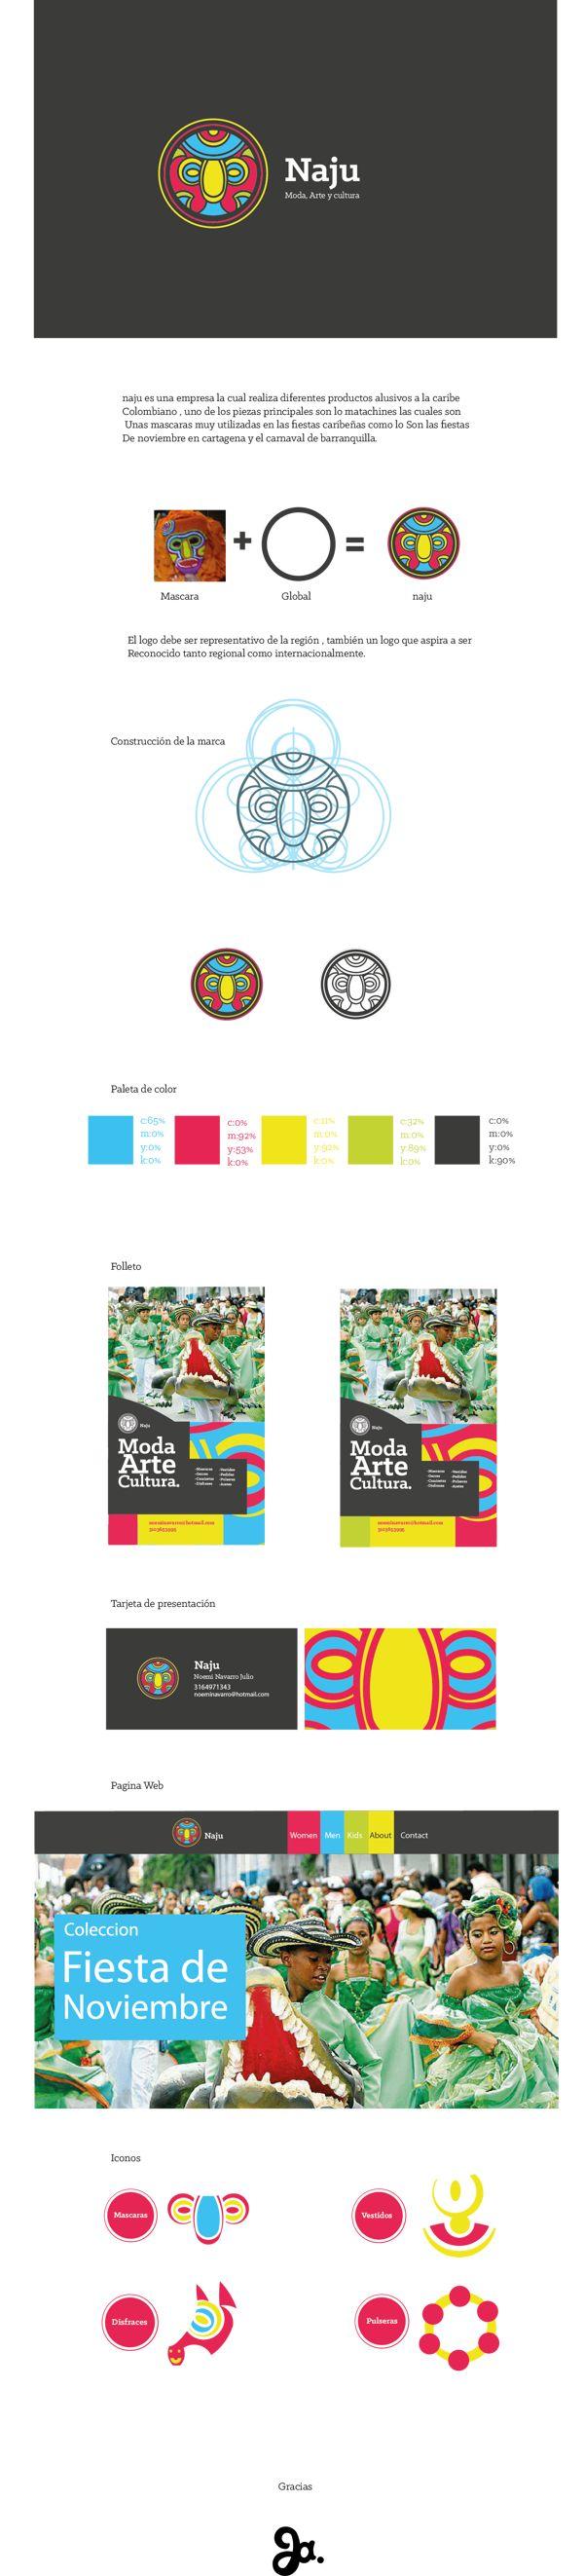 NAJU branding on Behance  compañero y amigo diseñador gráfico, lo recomiendo, este es uno de sus mejores trabajos. Su nombre es Julio Cubides  / companion and friend graphic designer, I recommend it, this is one of his best WORKS. His name is Julio Cubides